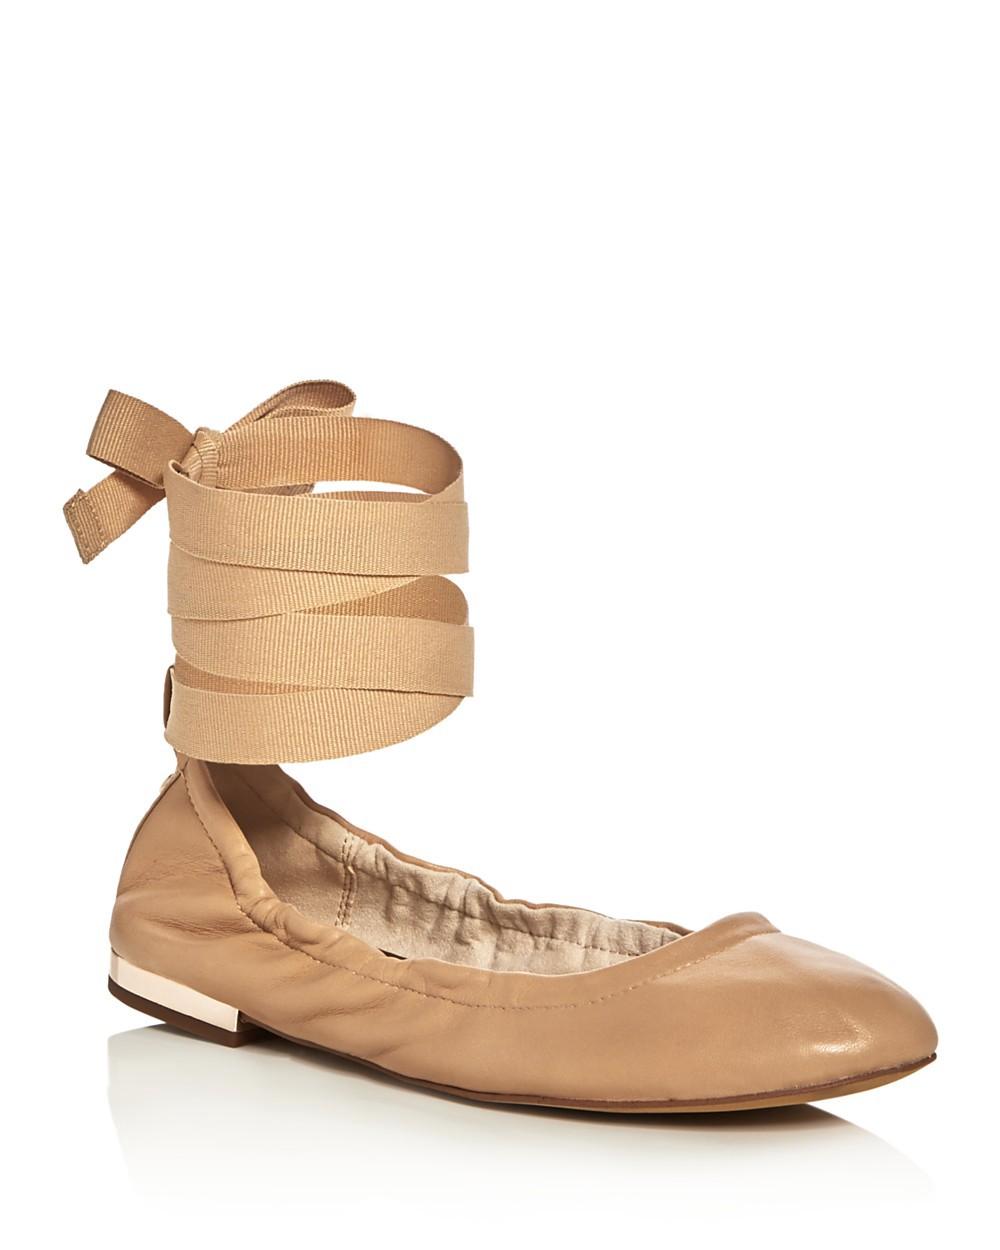 SAM EDELMAN Fallon Lace Up Ballet Flats at SPRING